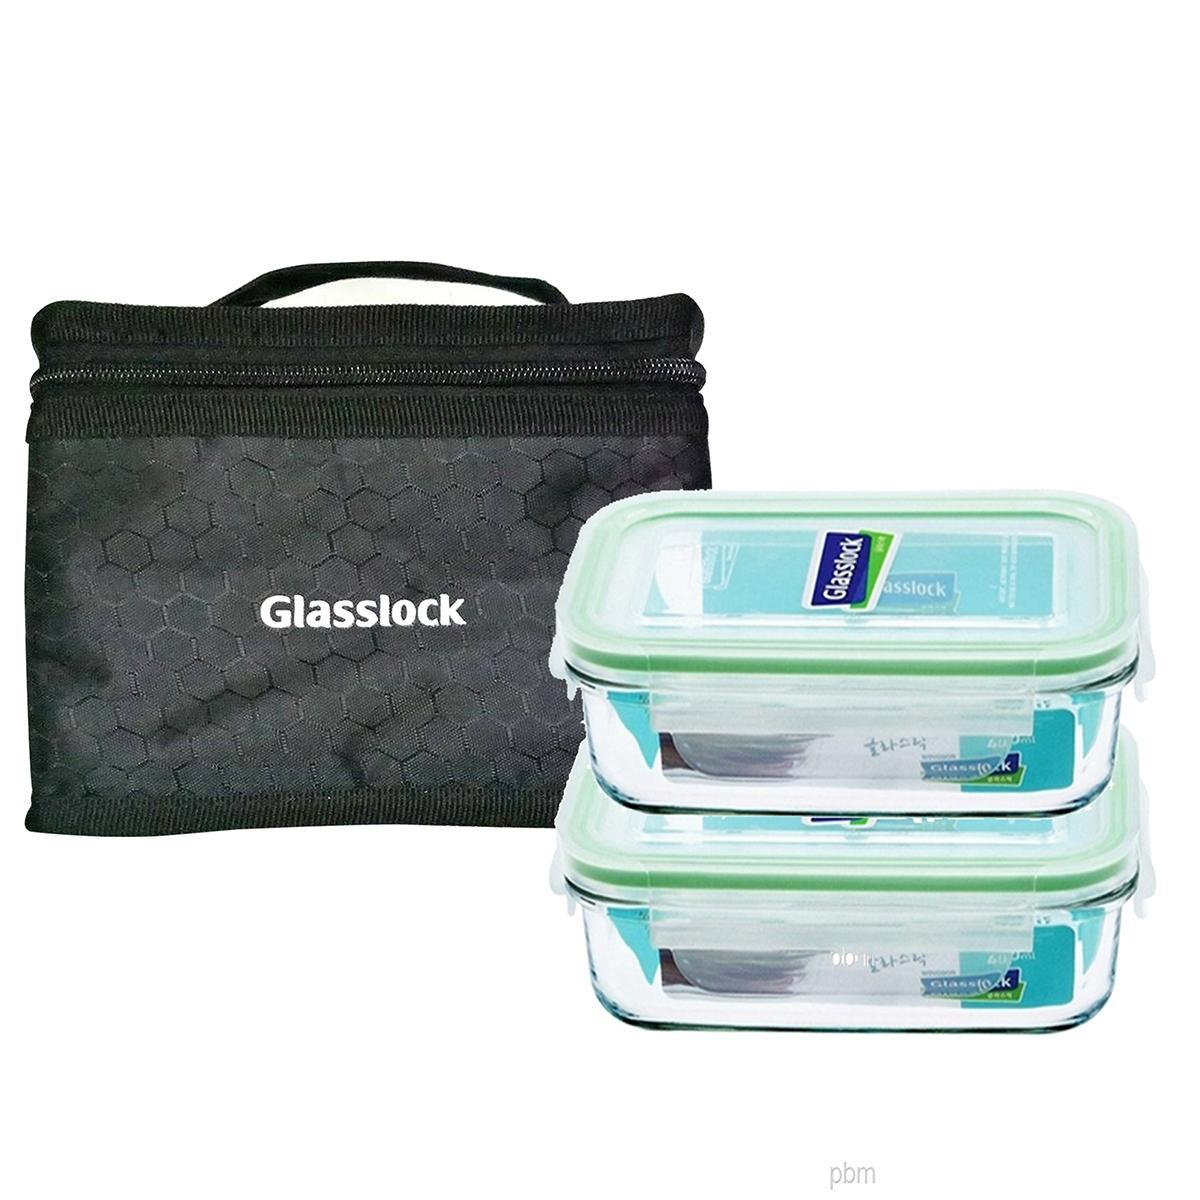 Glasslock Philippines Glasslock Price List Glasslock